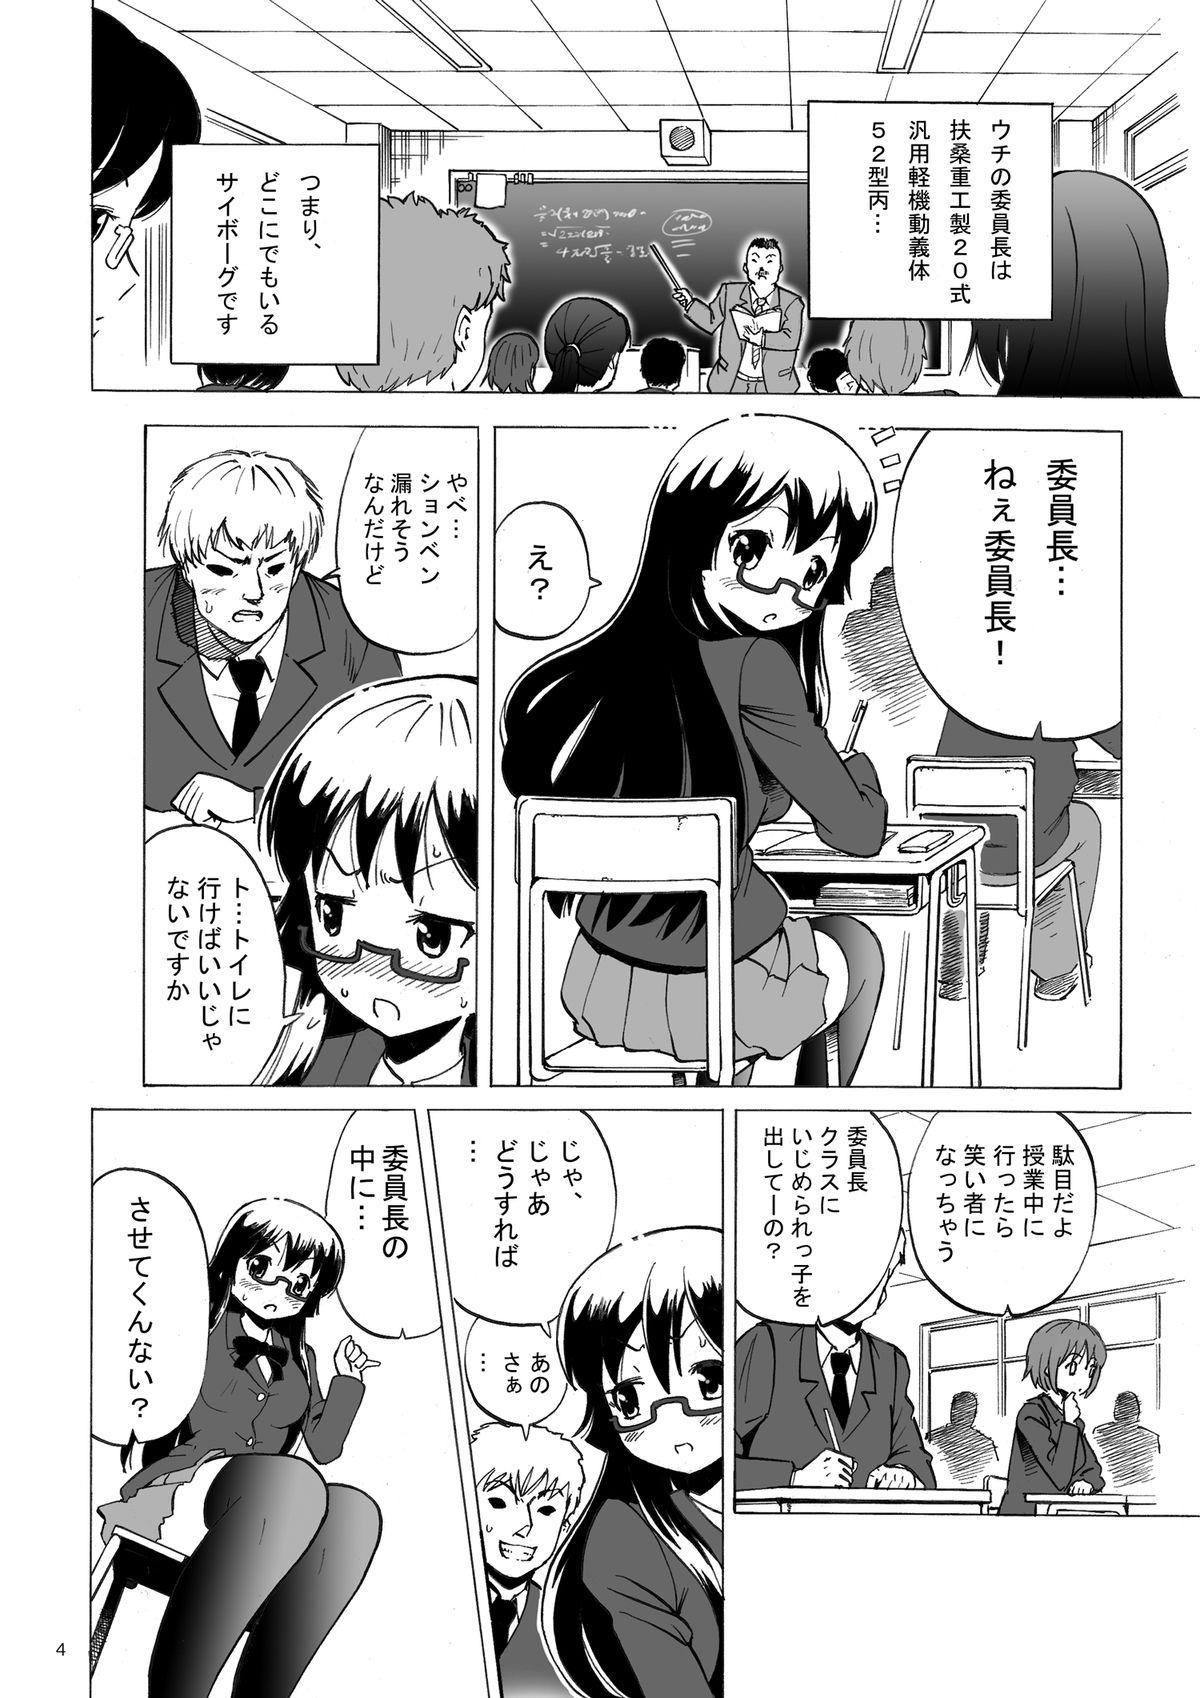 Kidoubenki Sayoko 3